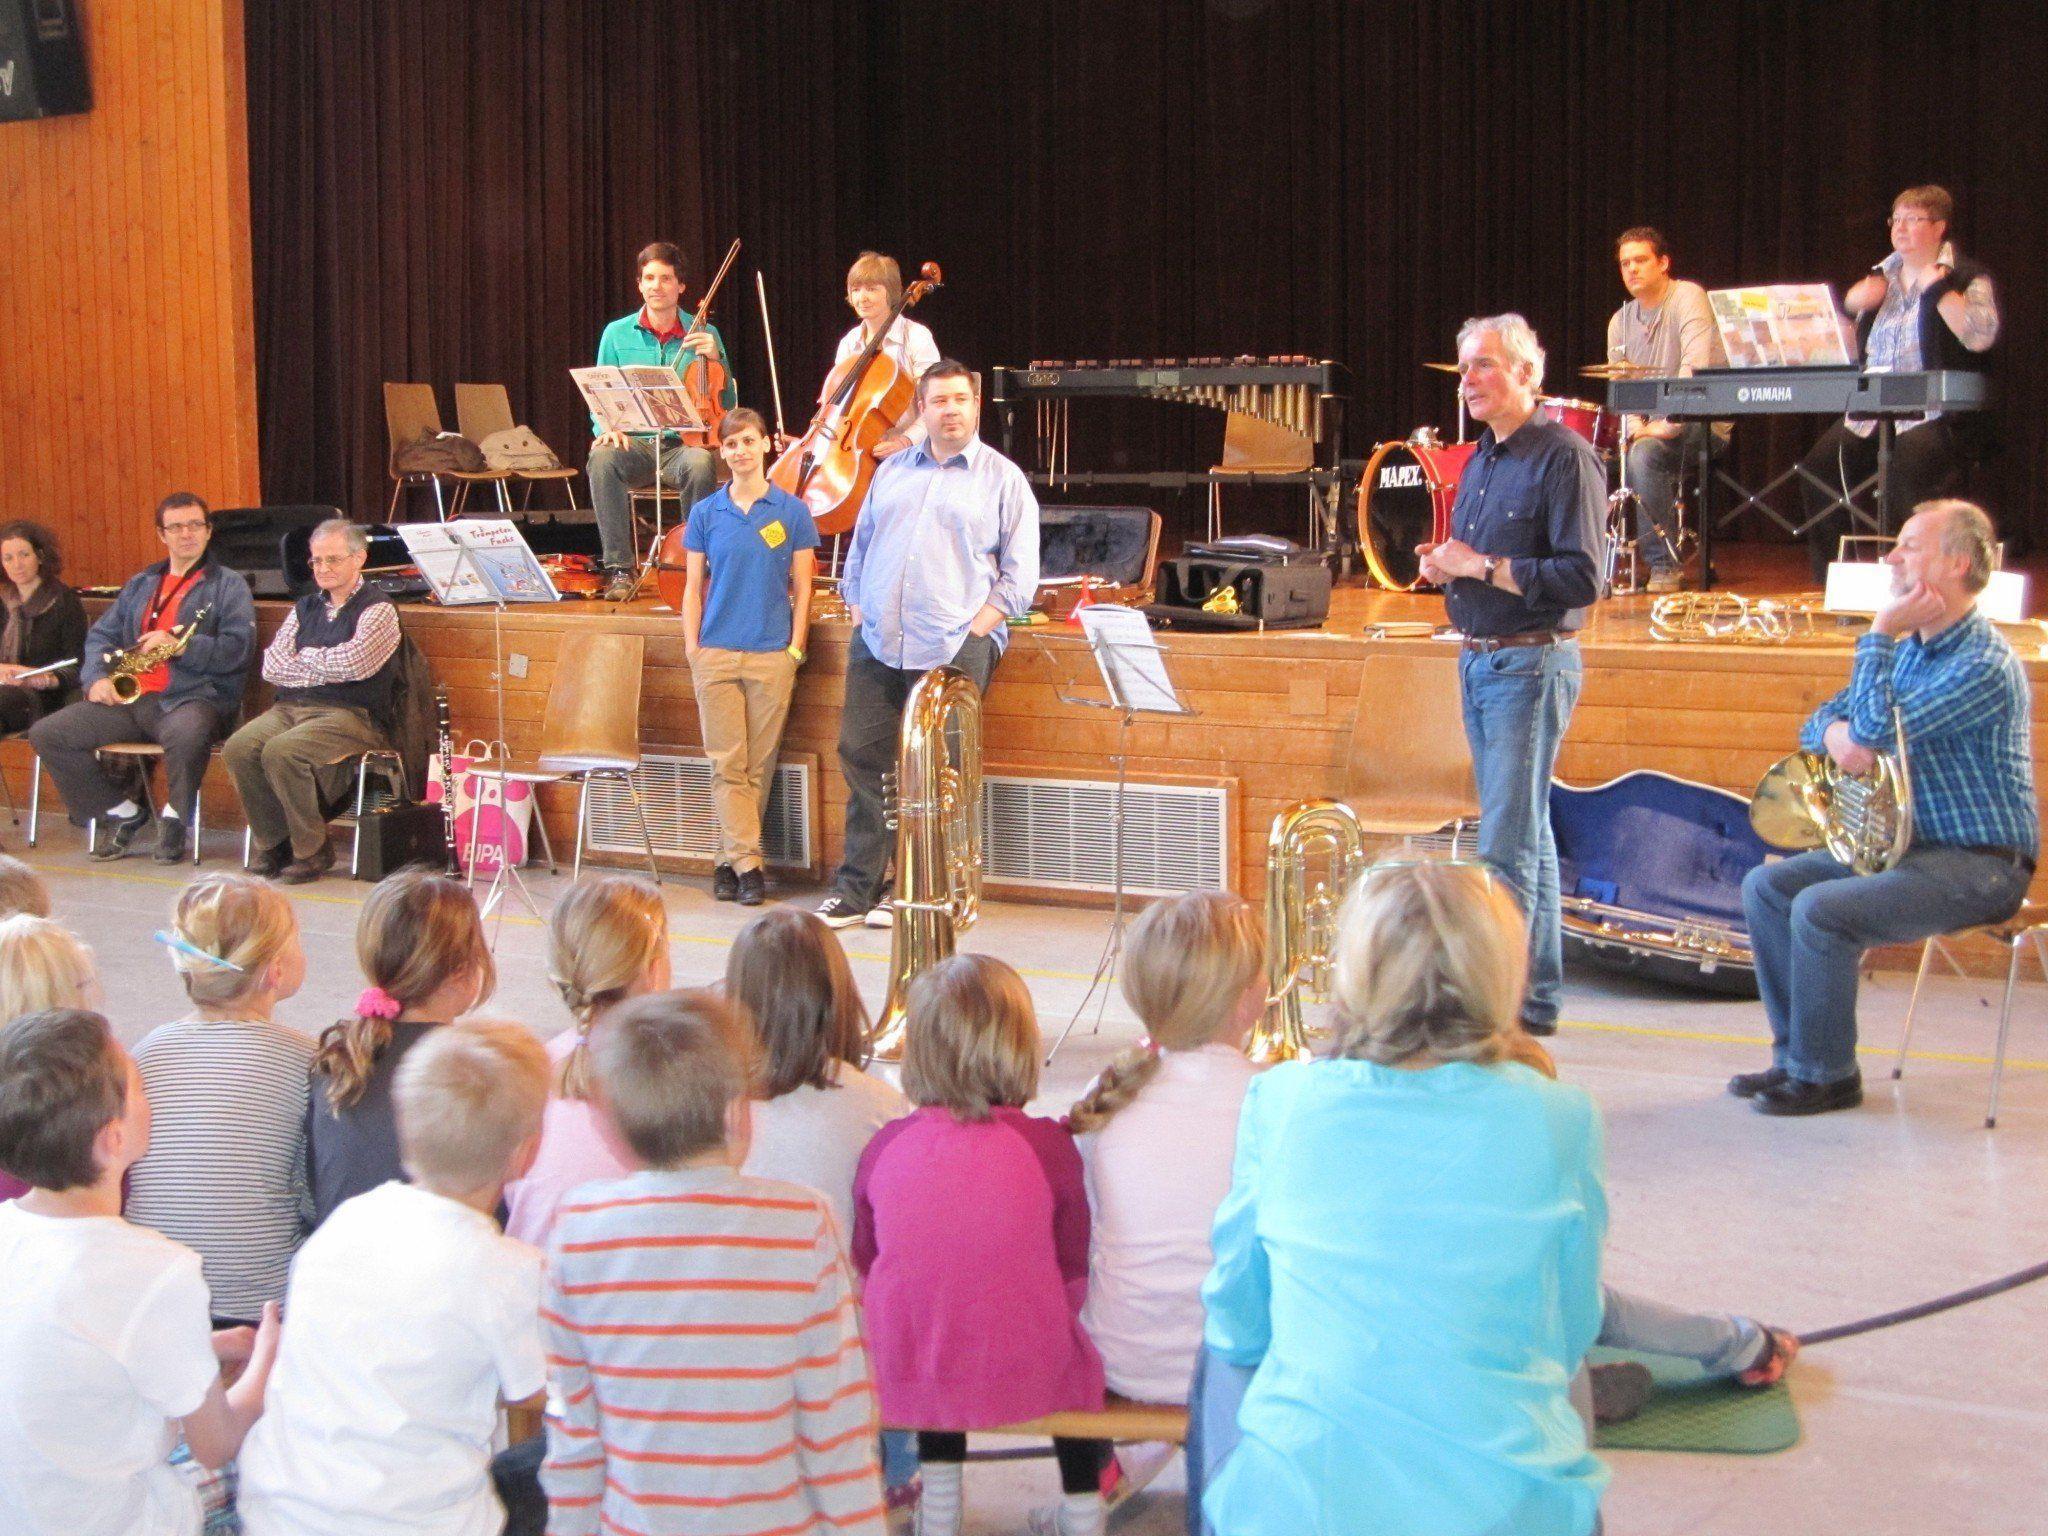 Viel Spaß hatten die Vandanser Volksschulkinder bei der Präsentation der Musikinstrumente.